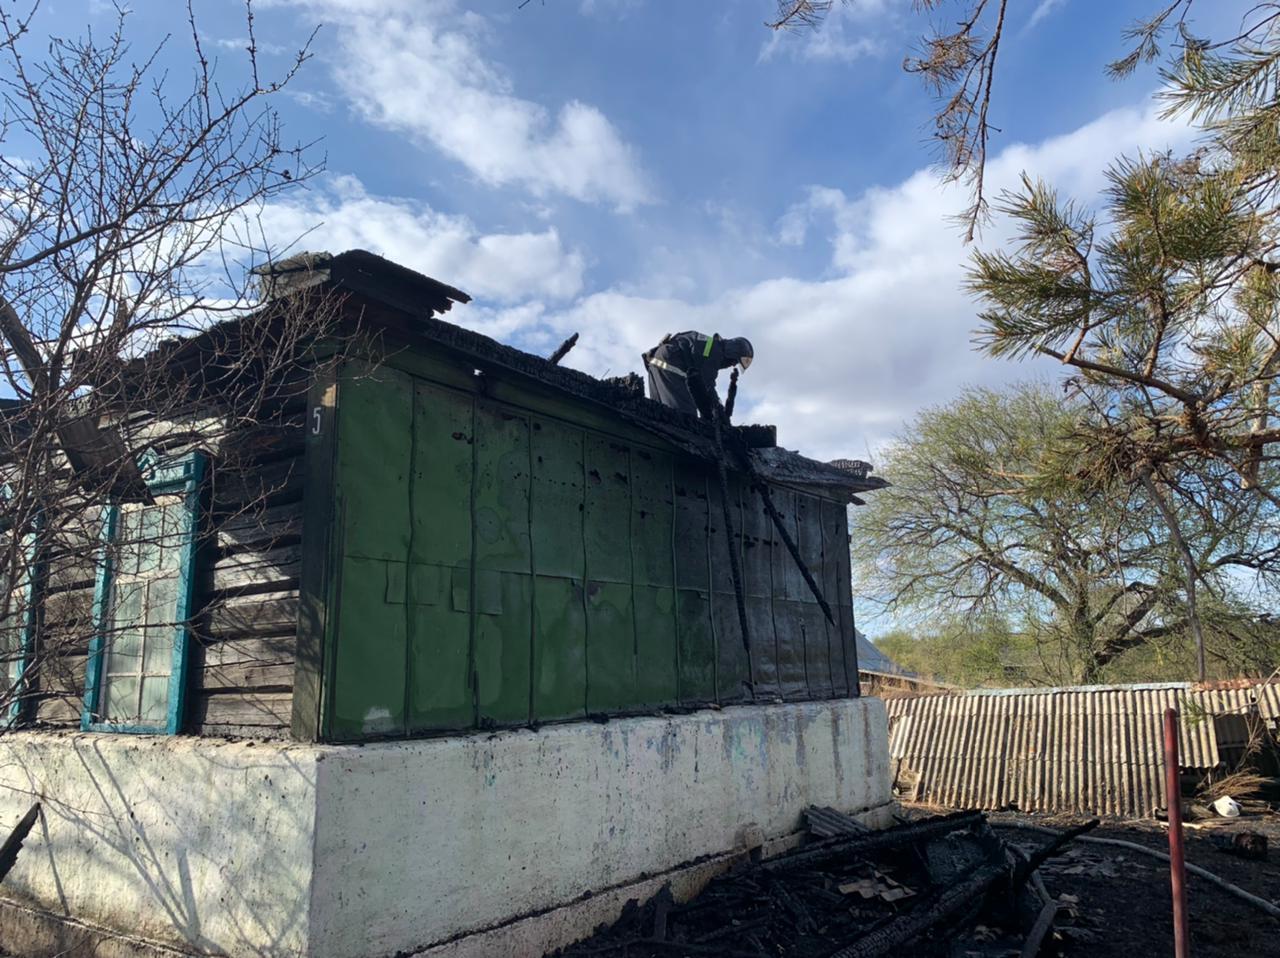 Дважды за сутки огнеборцы тушили дома в с. Пашково Облученского района